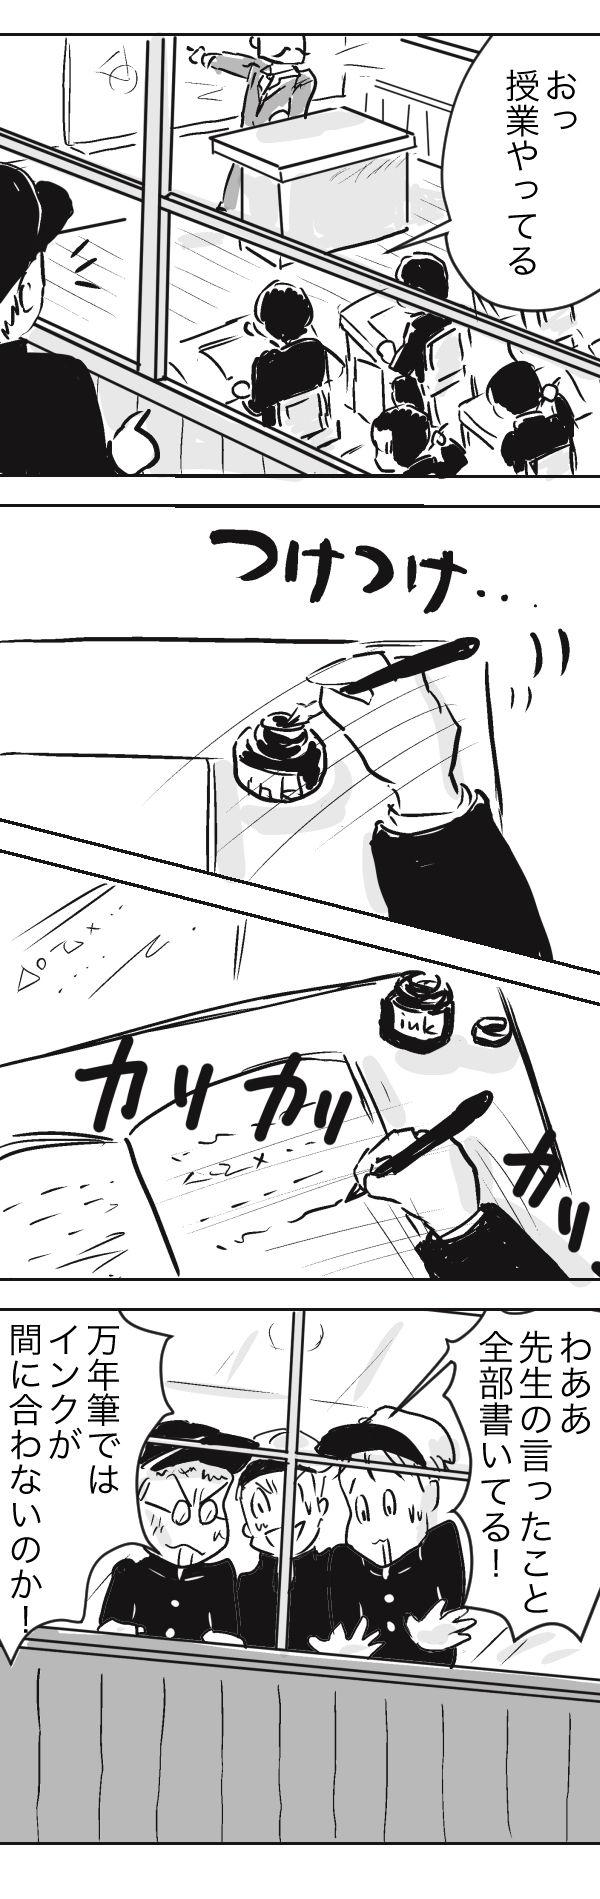 山田金沢2−3−1